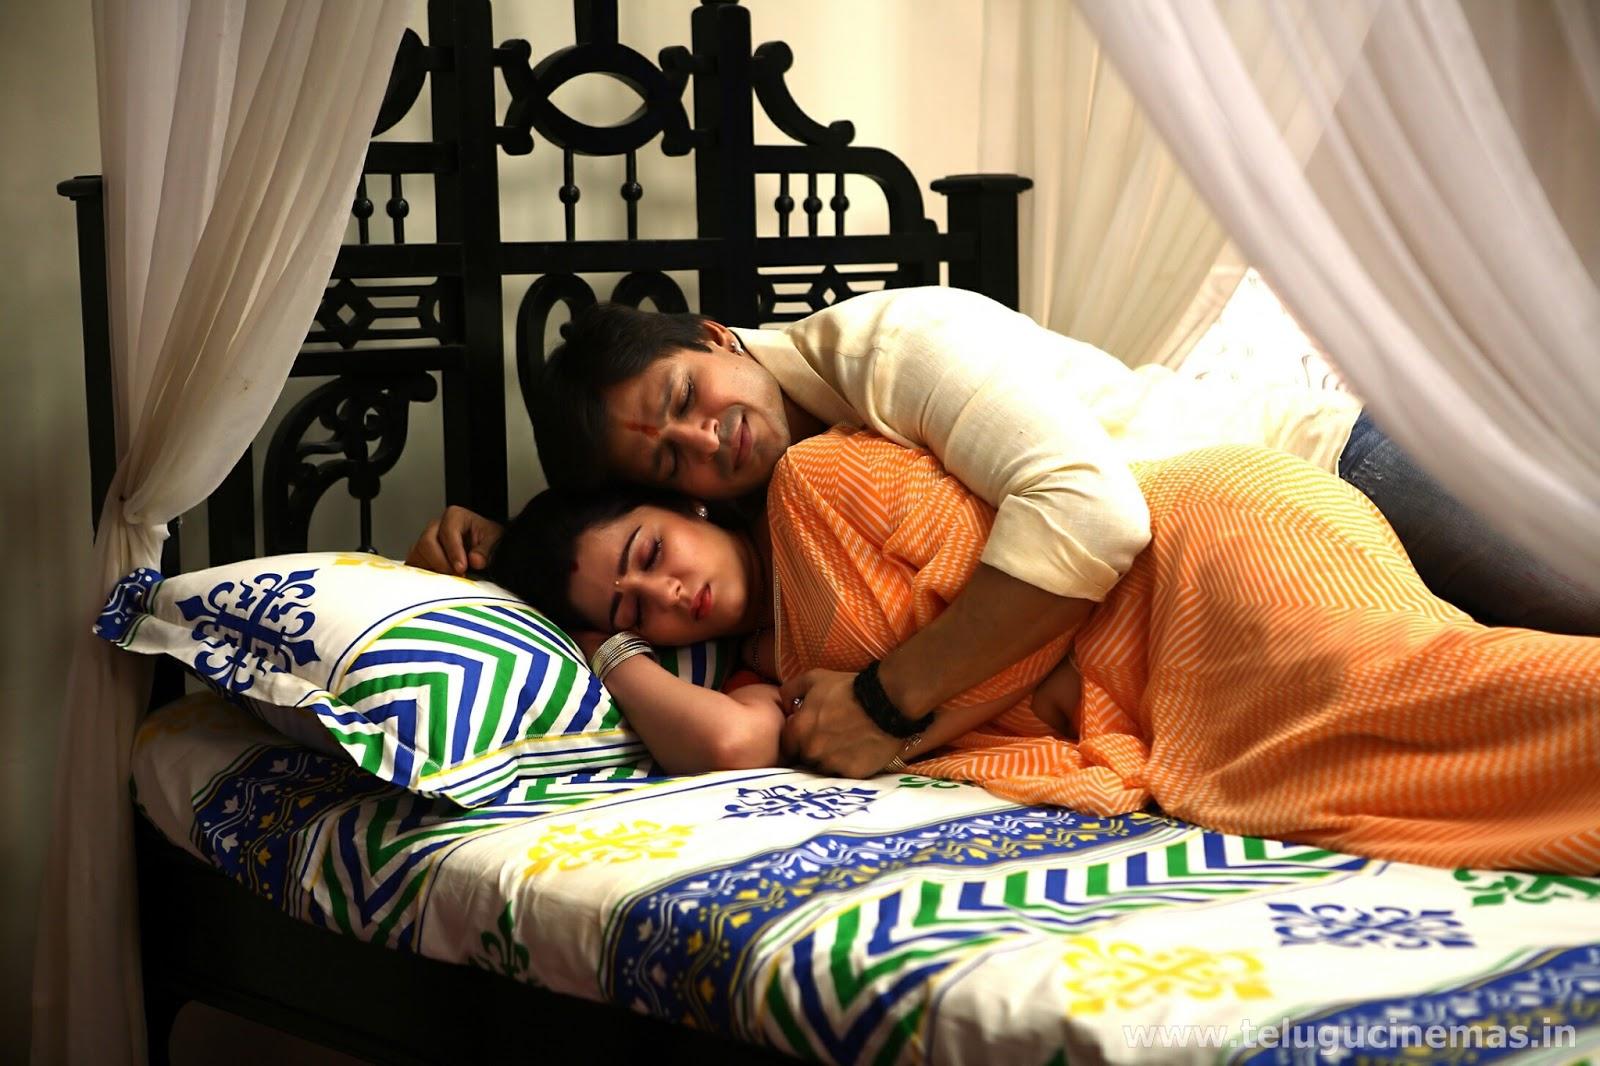 Charmi-romance-with-Vivek-Oberoi-in-Zilla-Ghaziabad-TeluguCinemas.in-2_lhrwiy কিভাবে বুঝবেন আপনার সঙ্গি সেক্সে ইচ্ছুক কি না ,জানুন